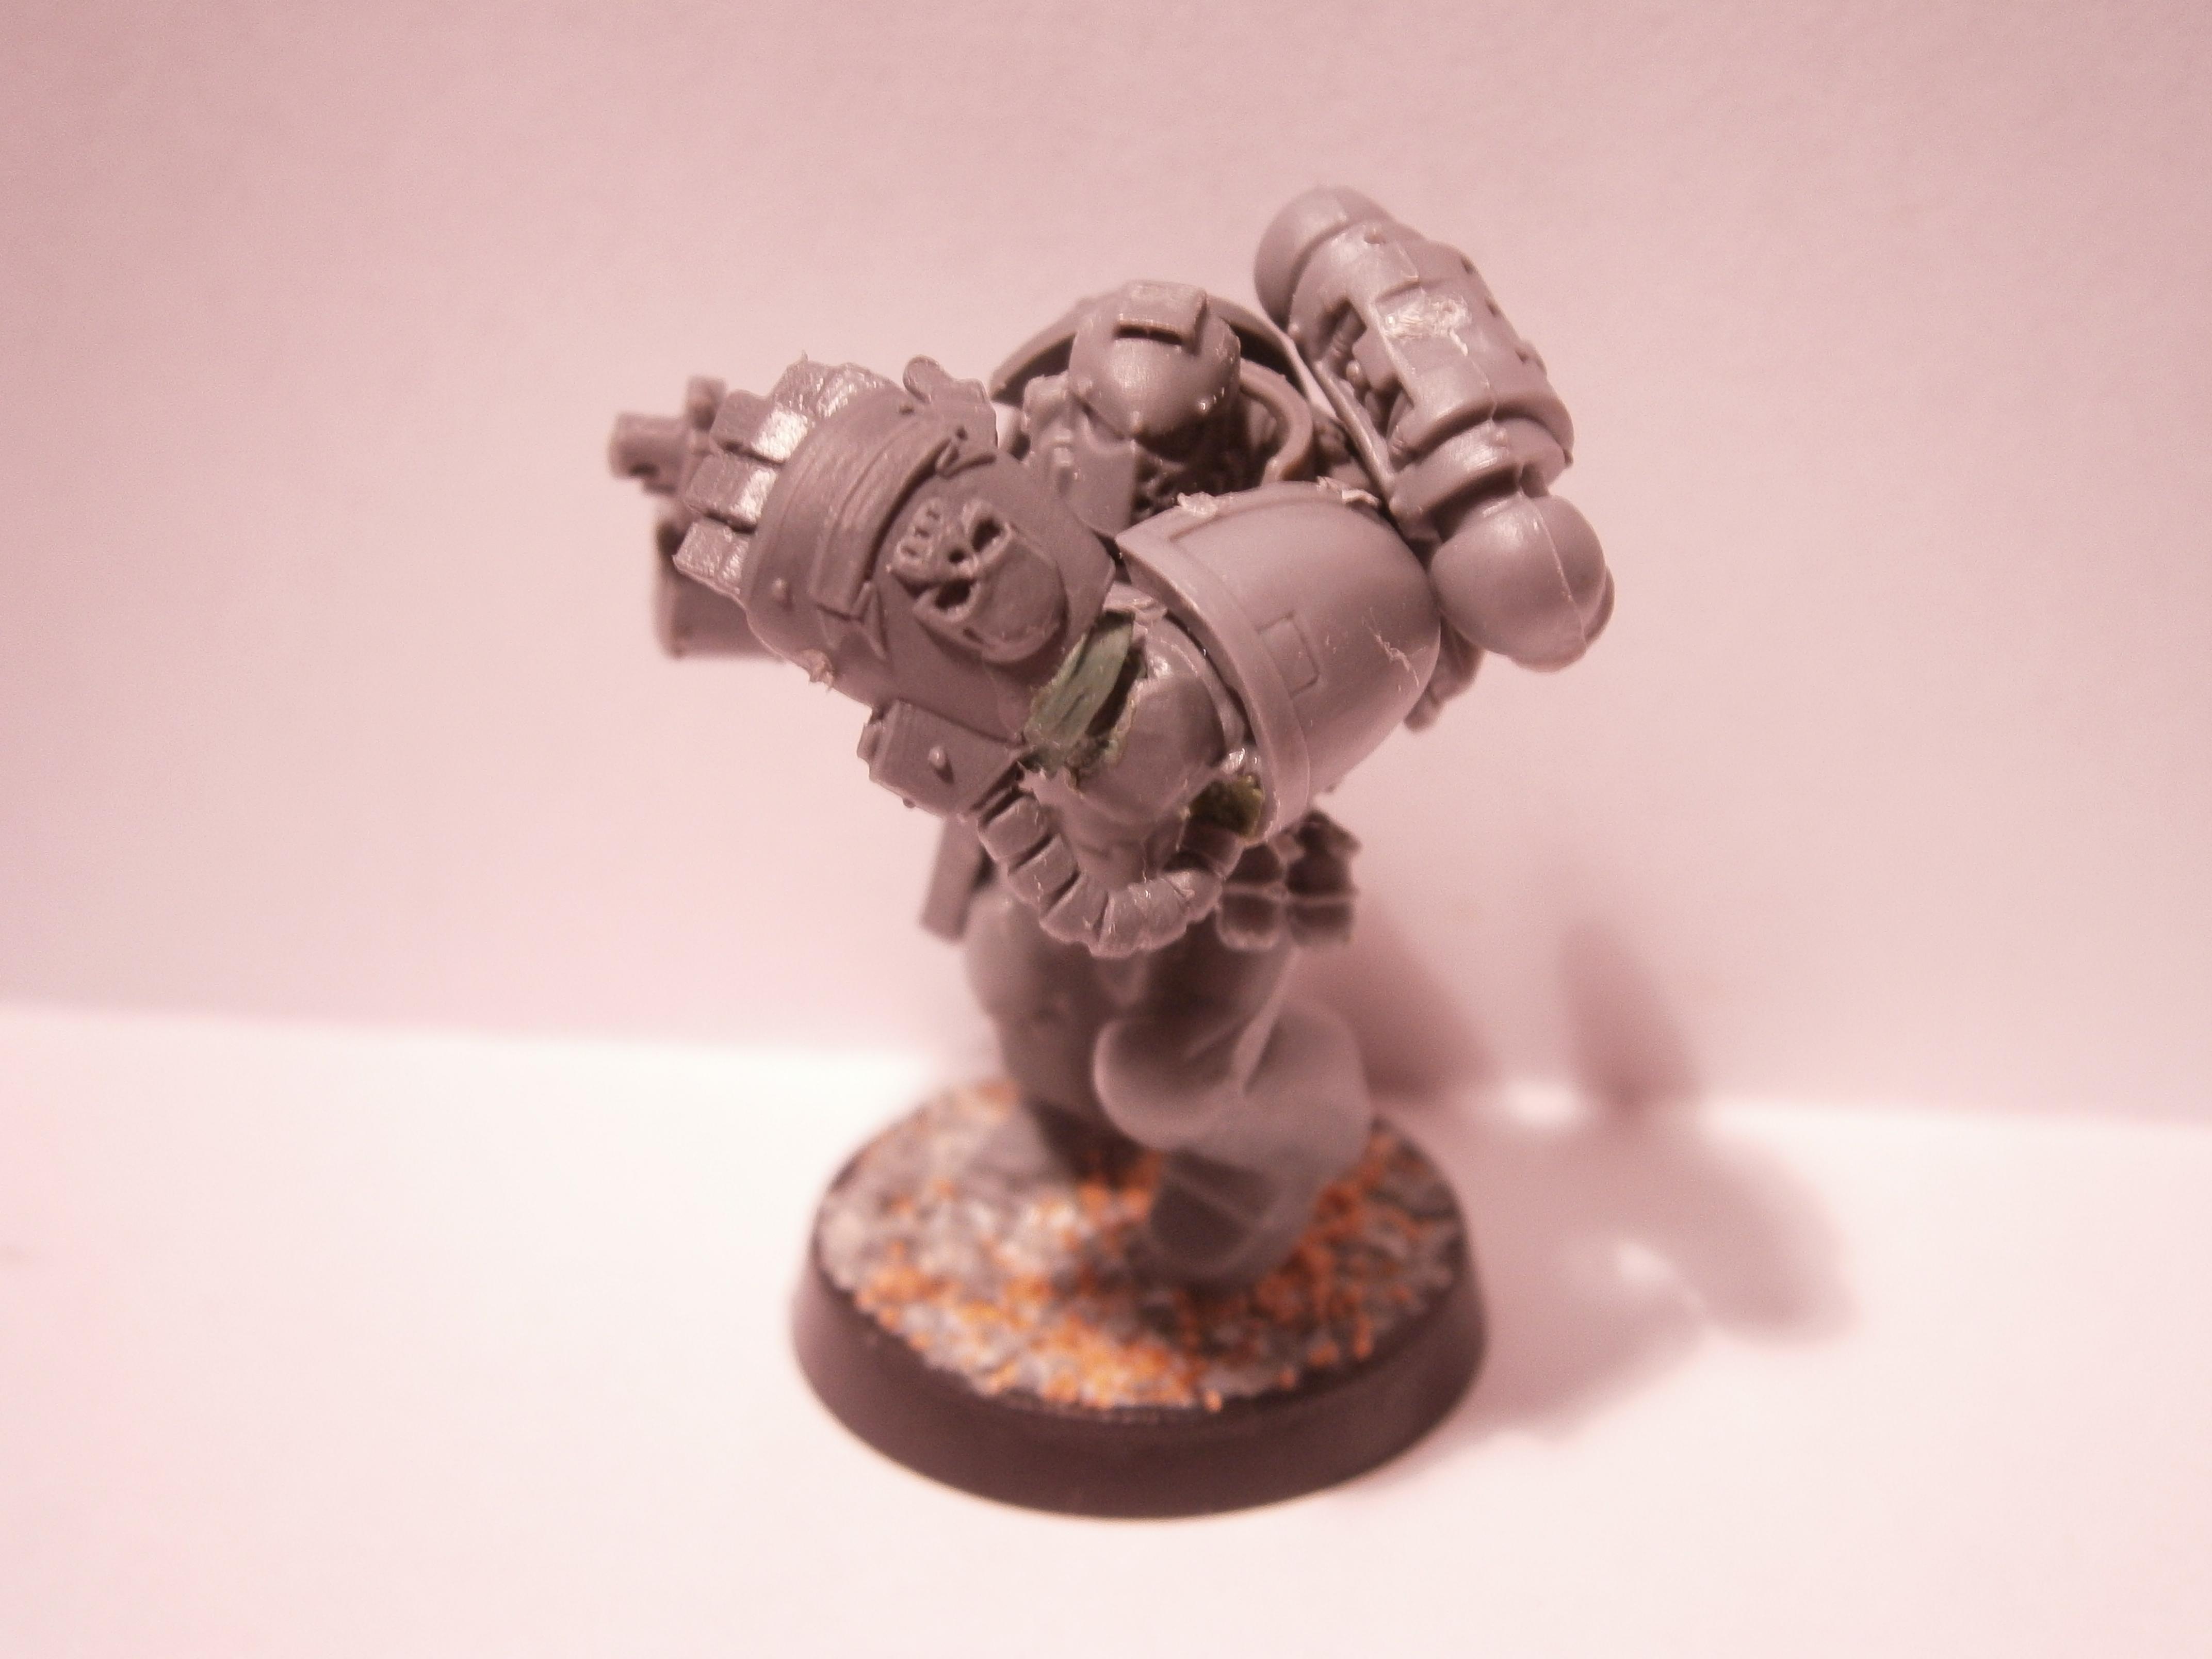 Backhand, Deathwatch, Power Fist, Space Marines, Warhammer 40,000, Work In Progress